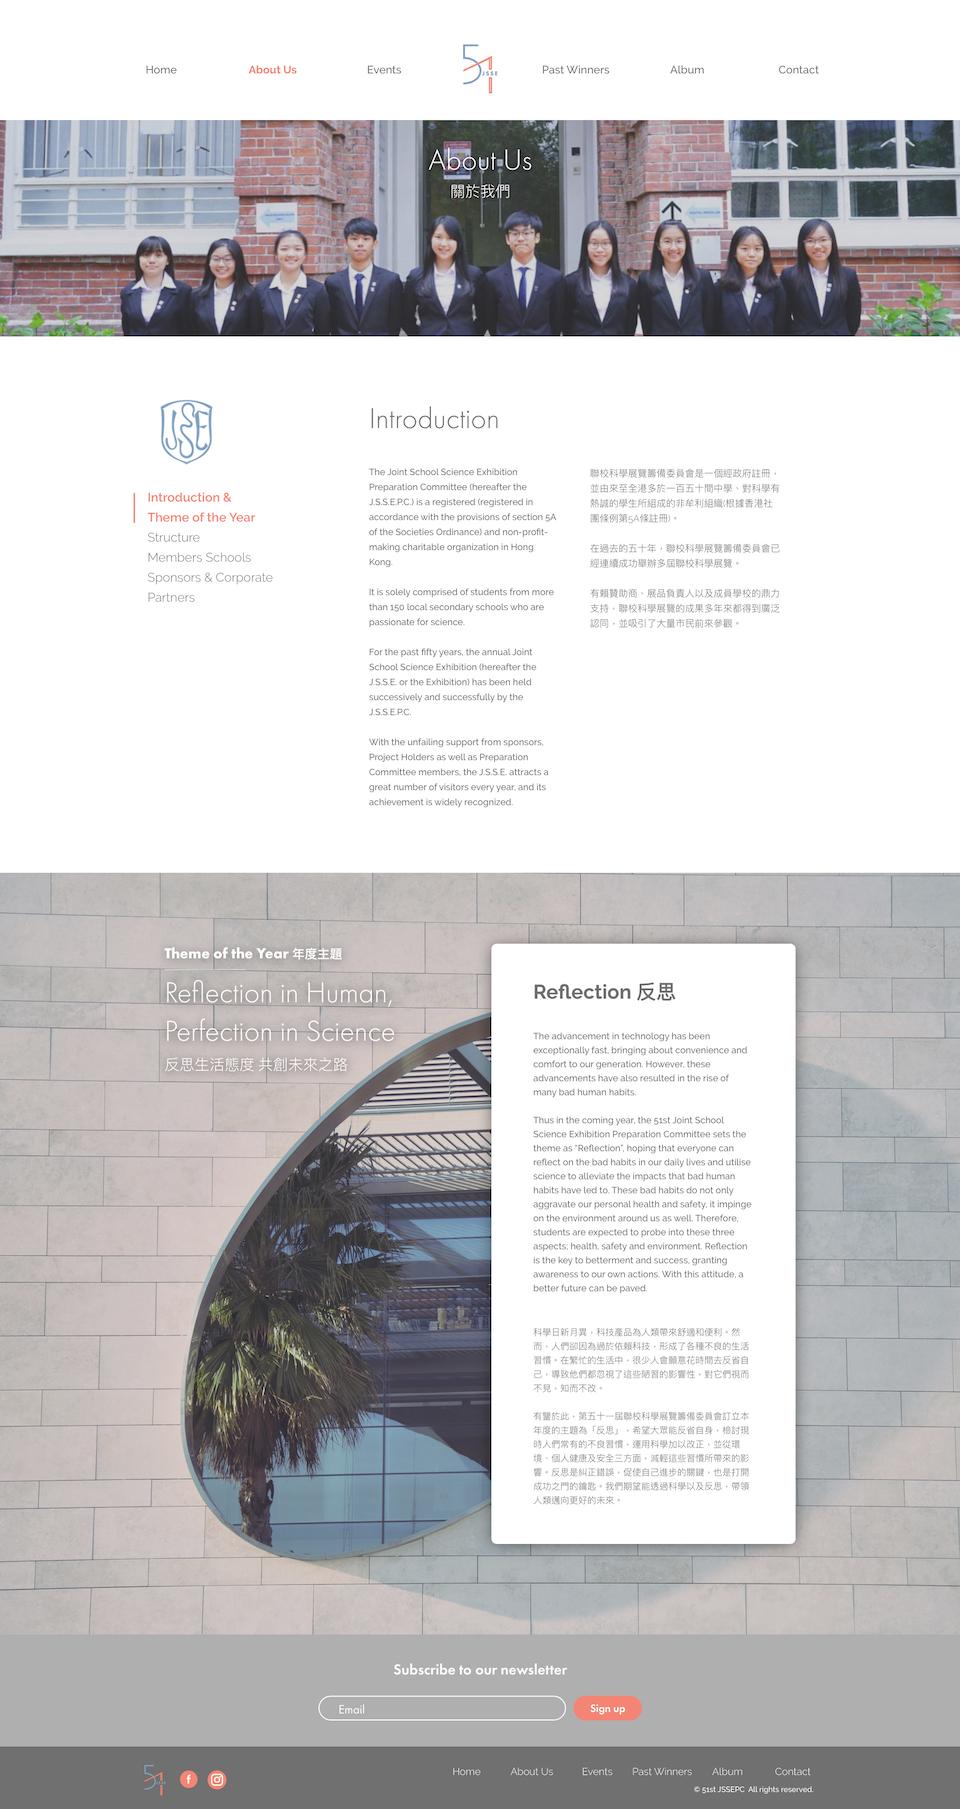 AU-Introduction.jpg